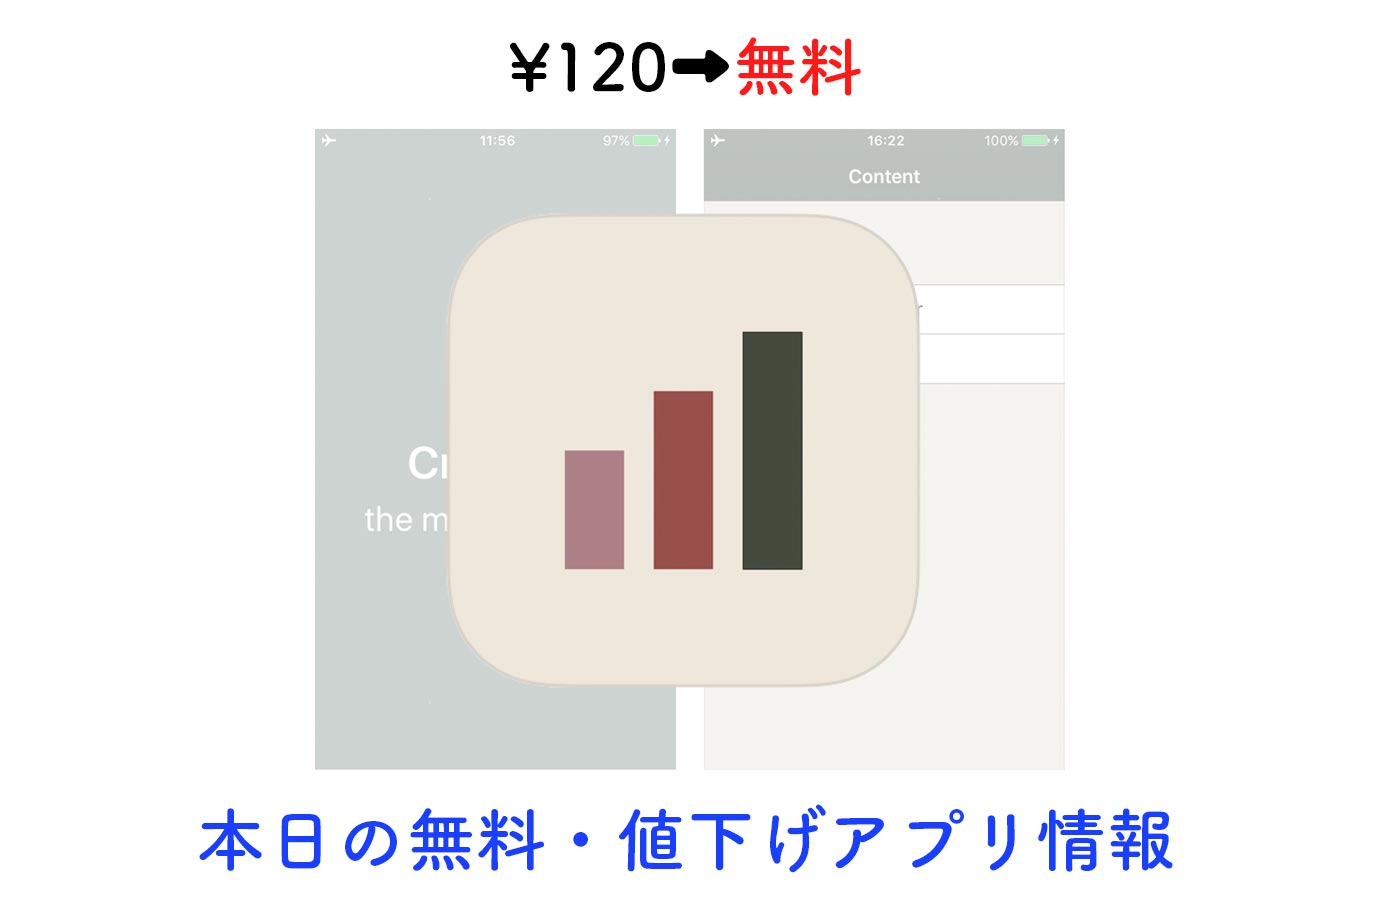 ¥120→無料、1日にやることを最大7つ設定できるToDoアプリ「Craftally」など【10/20】本日の無料・値下げアプリ情報